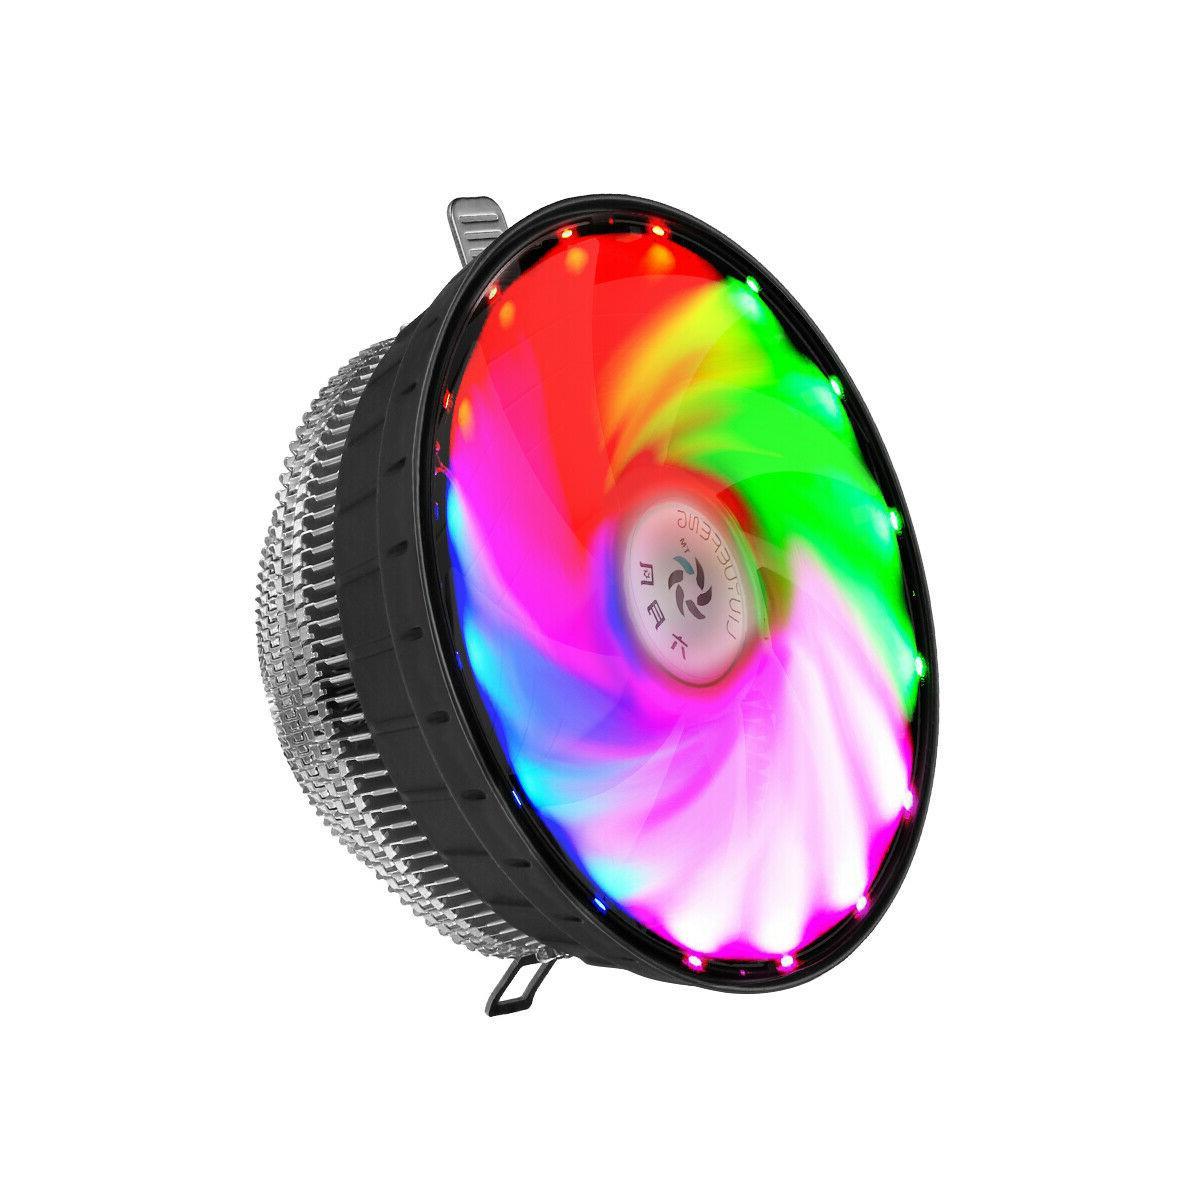 RGB CPU Fan For Intel 1156/1155/1151/1150 AM2+